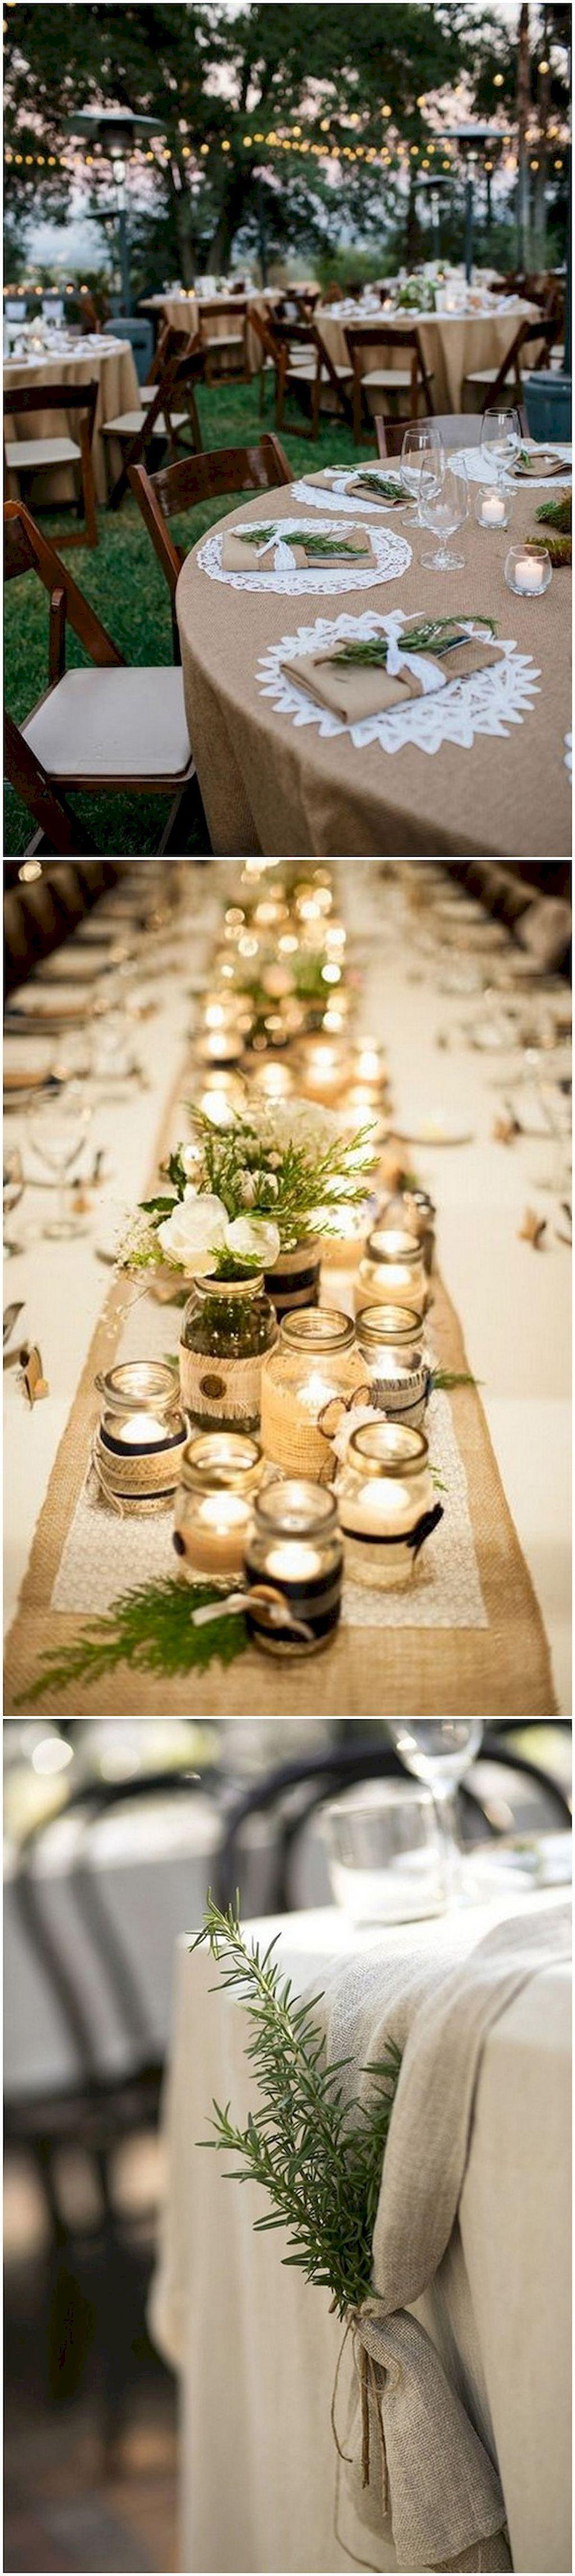 inexpensive backyard wedding decor ideas düğün için İlhamlar